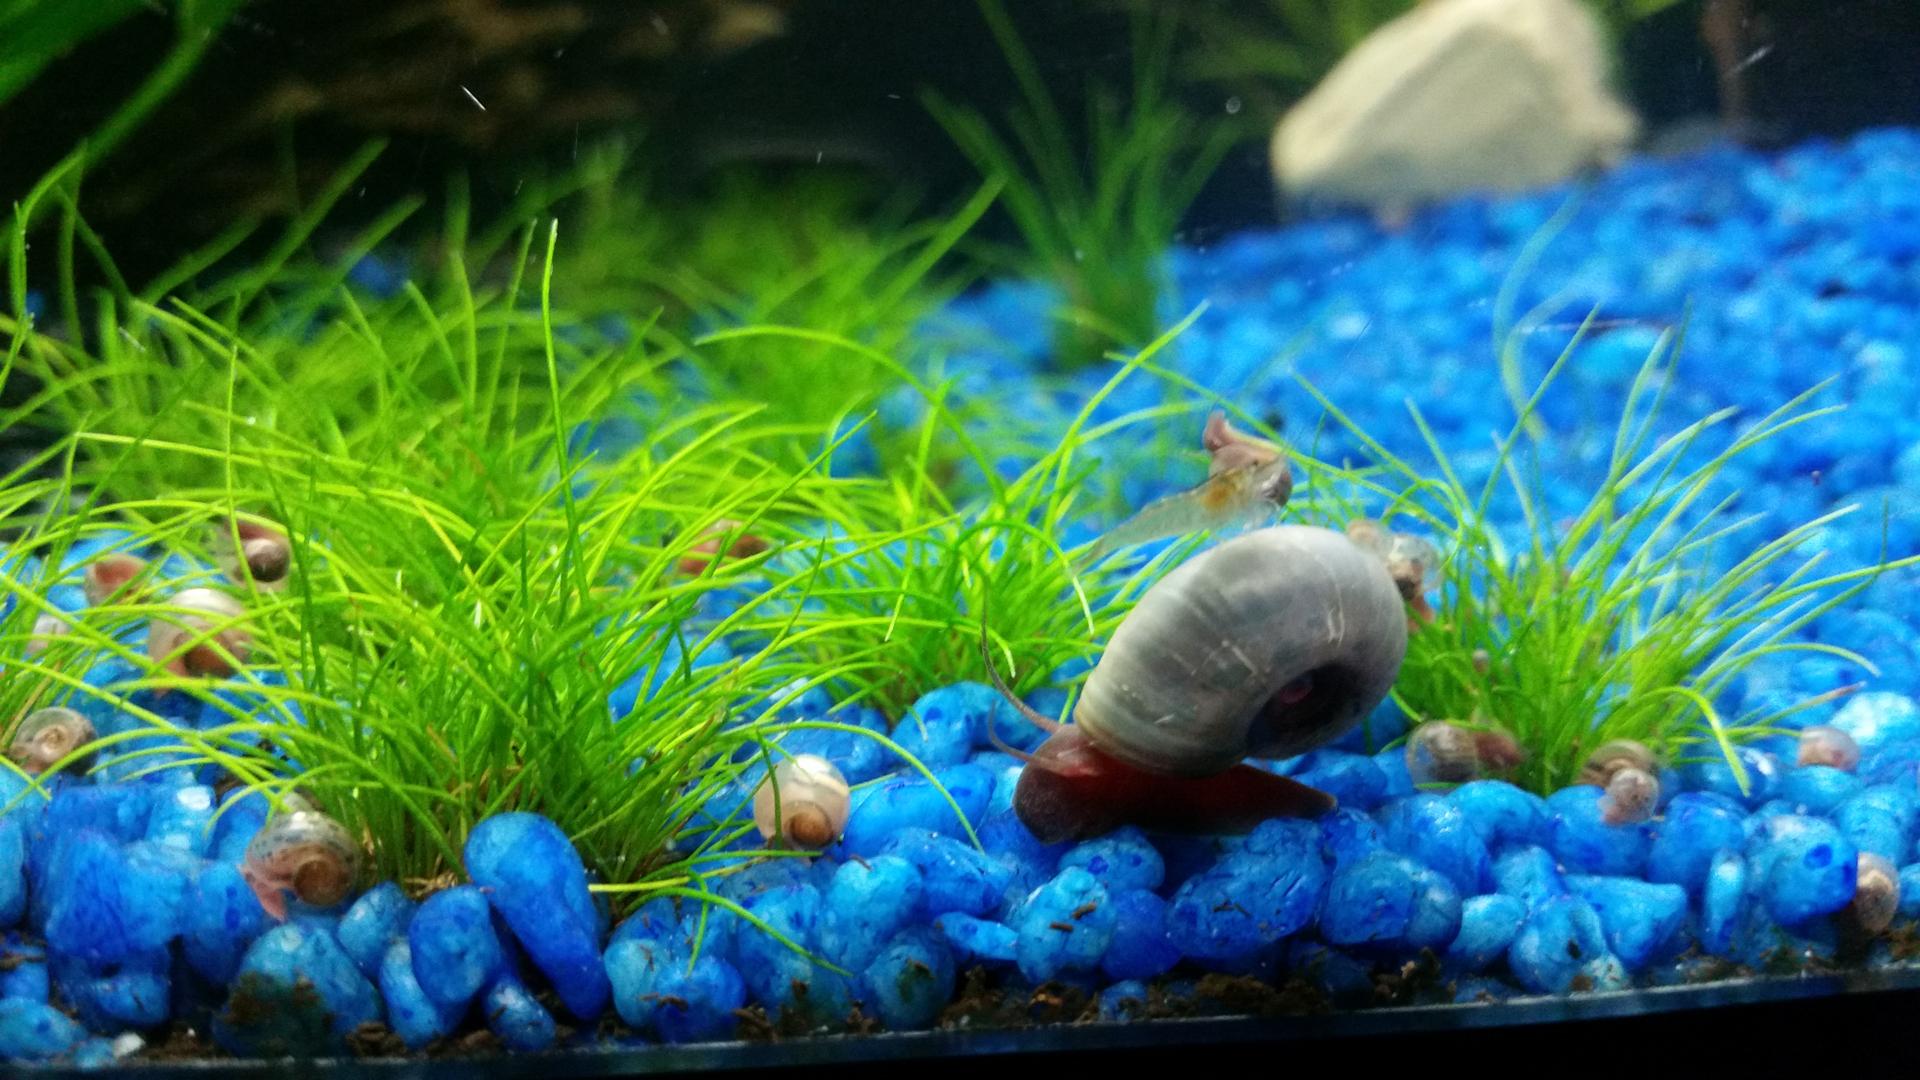 ... ....PLANARIEN!!! - Seite 2 - Algen im Aquarium - Aquascaping Forum